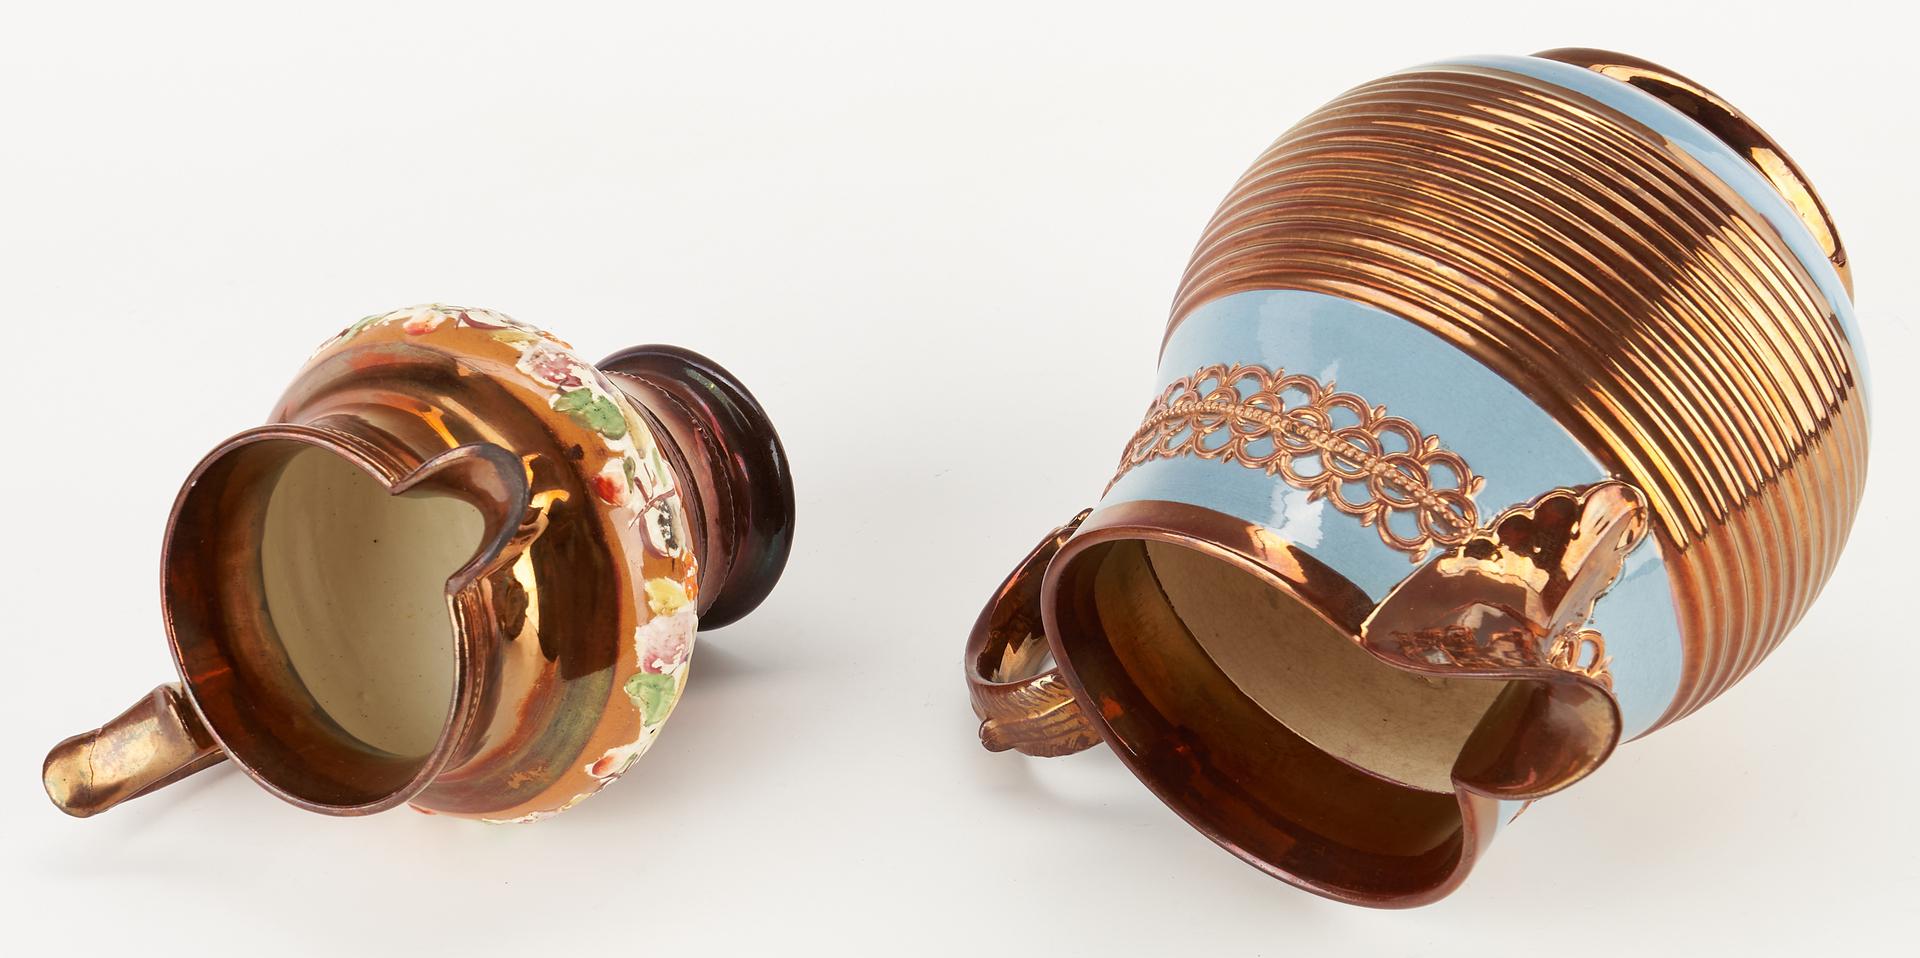 Lot 965: 2 Copper Lustre Pitchers & 4 Pcs. Decorative Glassware, 6 items